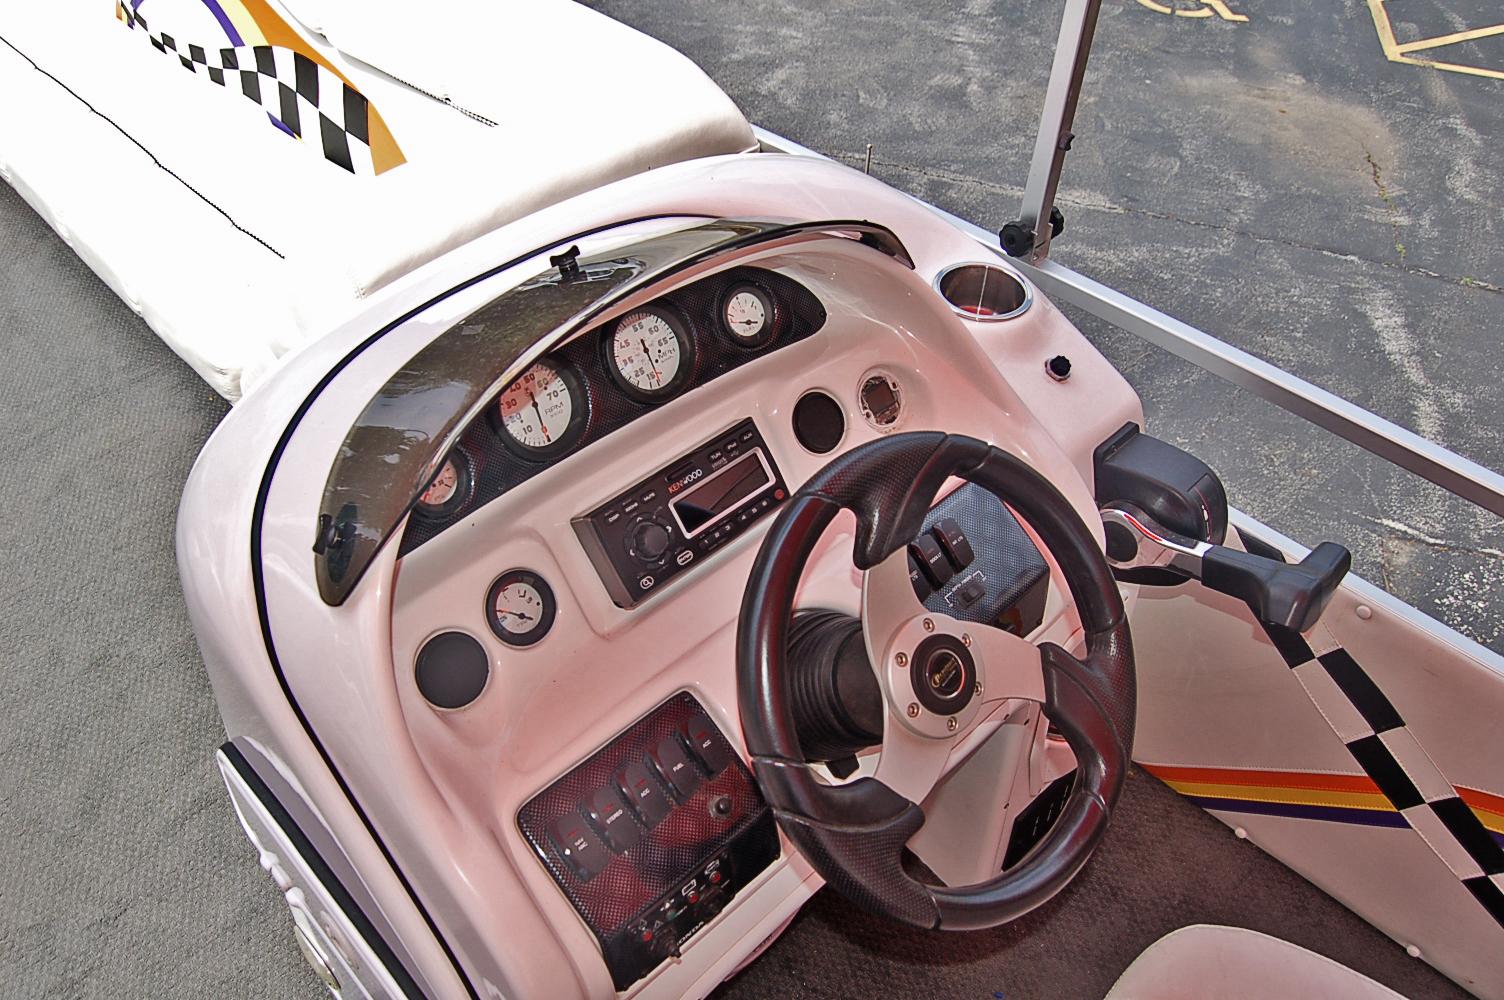 Playcraft Pontoon Santa Fe Auto Sound